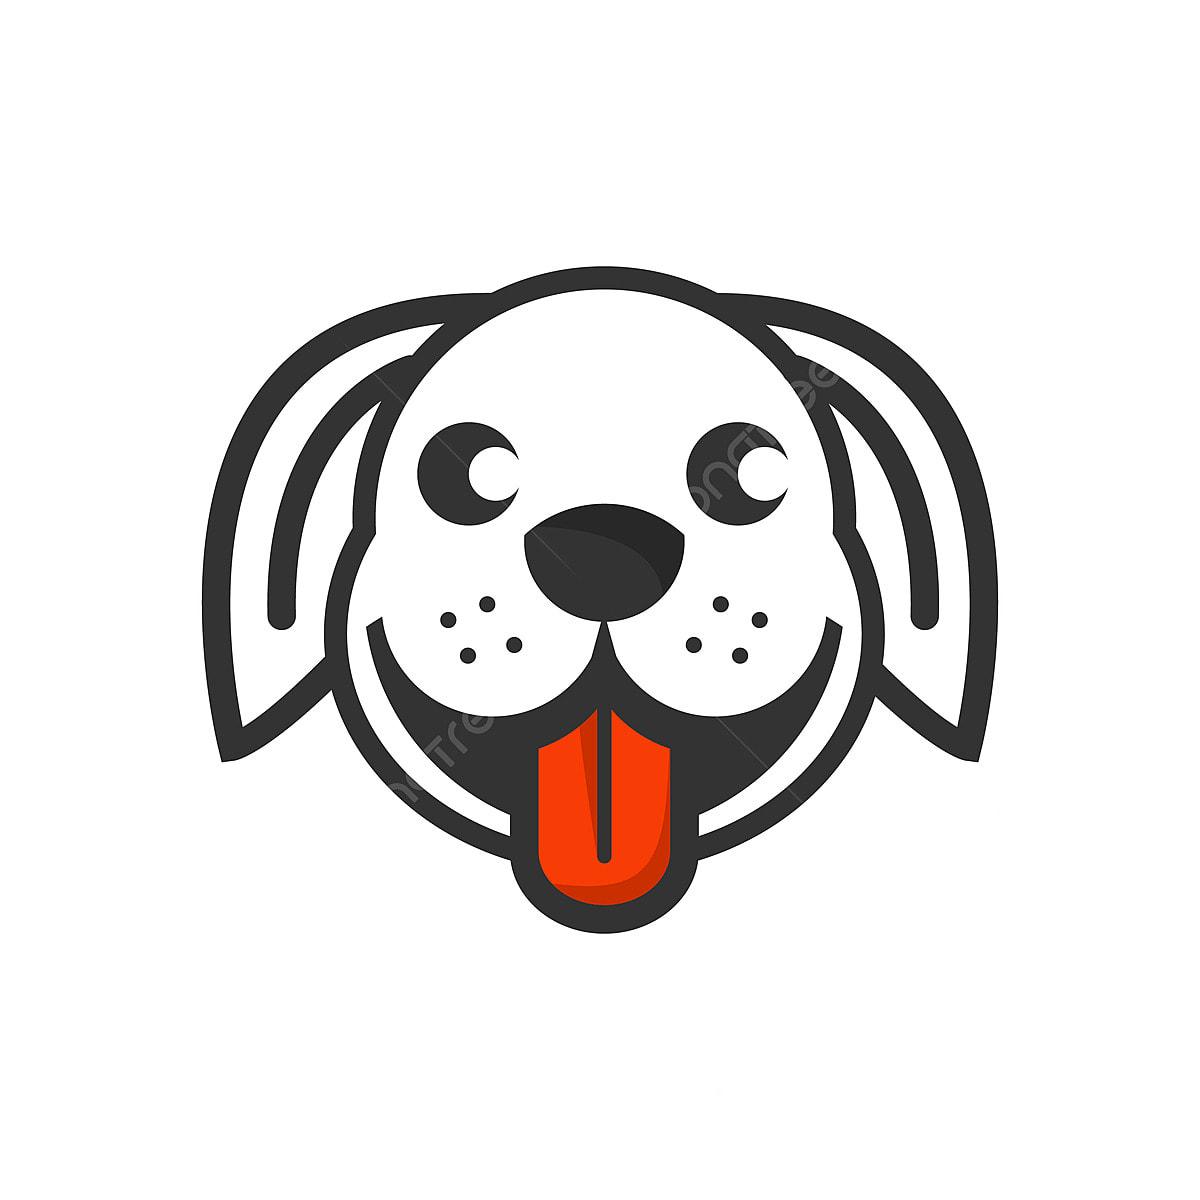 Caes Logotipo Desenhos Inspiracoes Abstract Animal Arte Png E